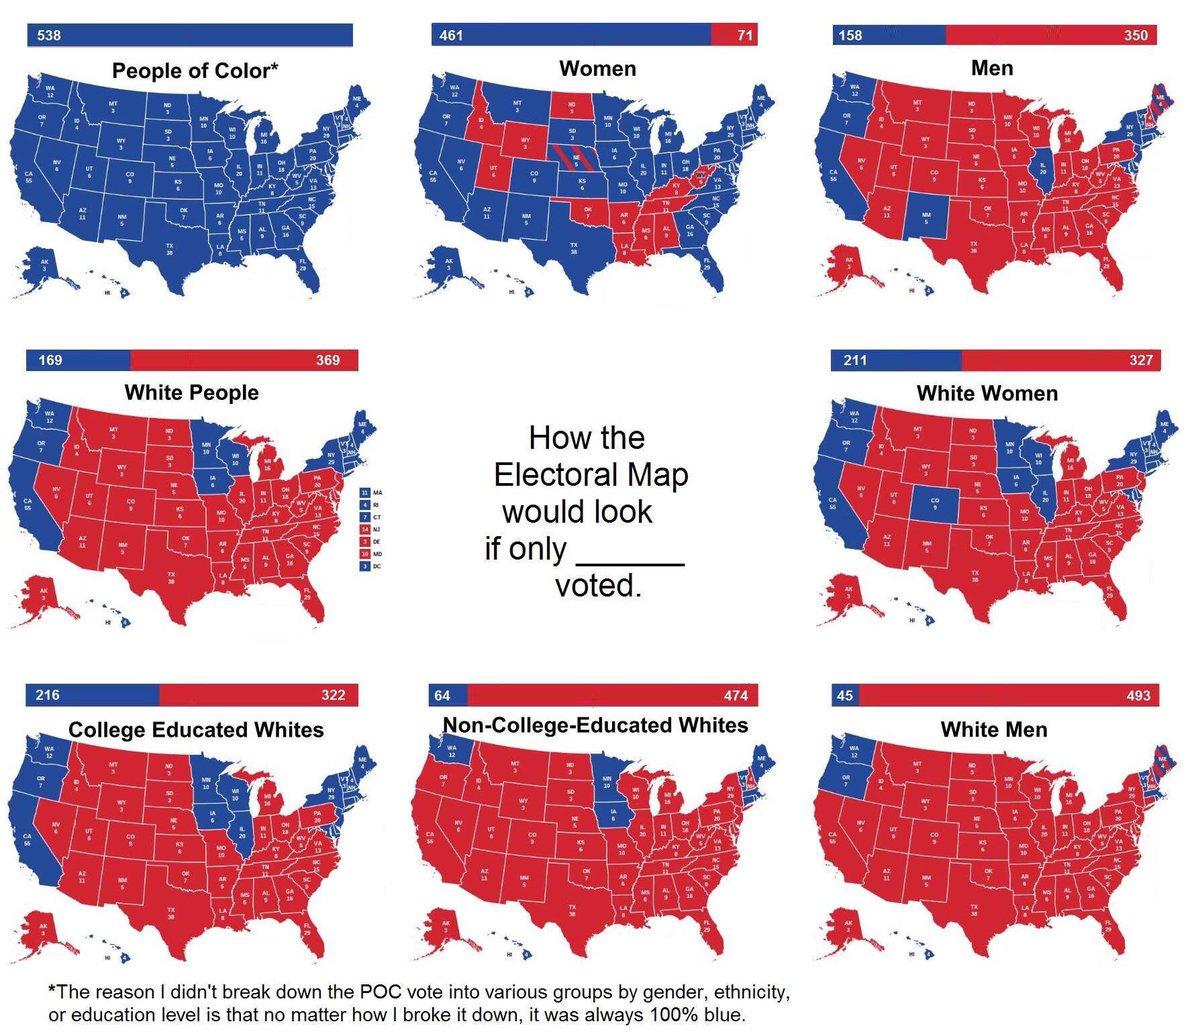 https://cdn.discordapp.com/attachments/627030086964740096/631606254682374174/electoral_map_by_demographics.jpg